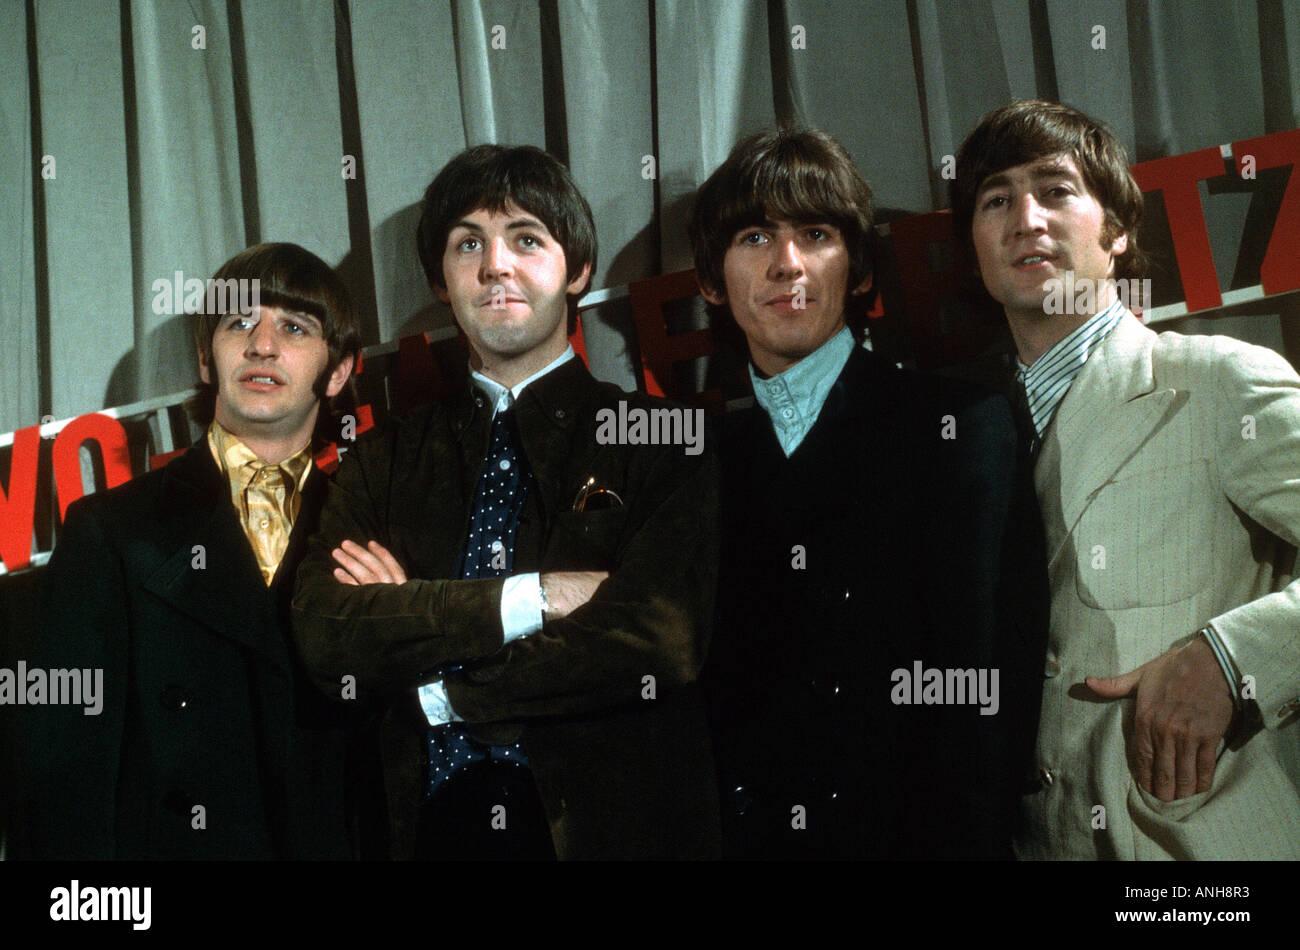 BEATLES In 1965 From Left Ringo Starr Paul McCartney George Harrison And John Lennon